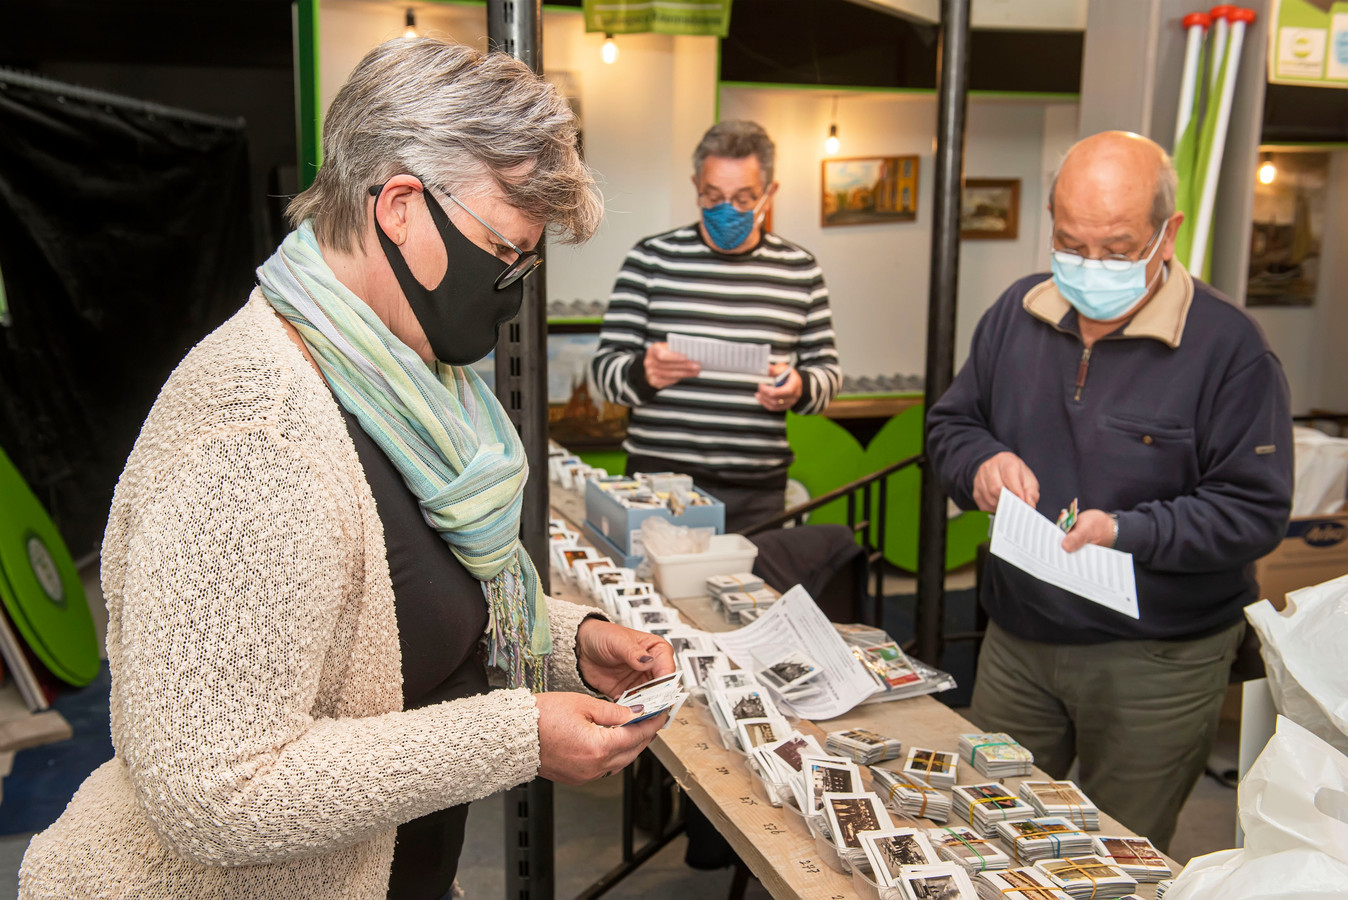 Veers Erfgoed heeft een ruilbeurs opgezet. vanaf zaterdag kunnen verzamelaars kaartjes ruilen voor in het historisch verzamelboek van Albert Heijn.